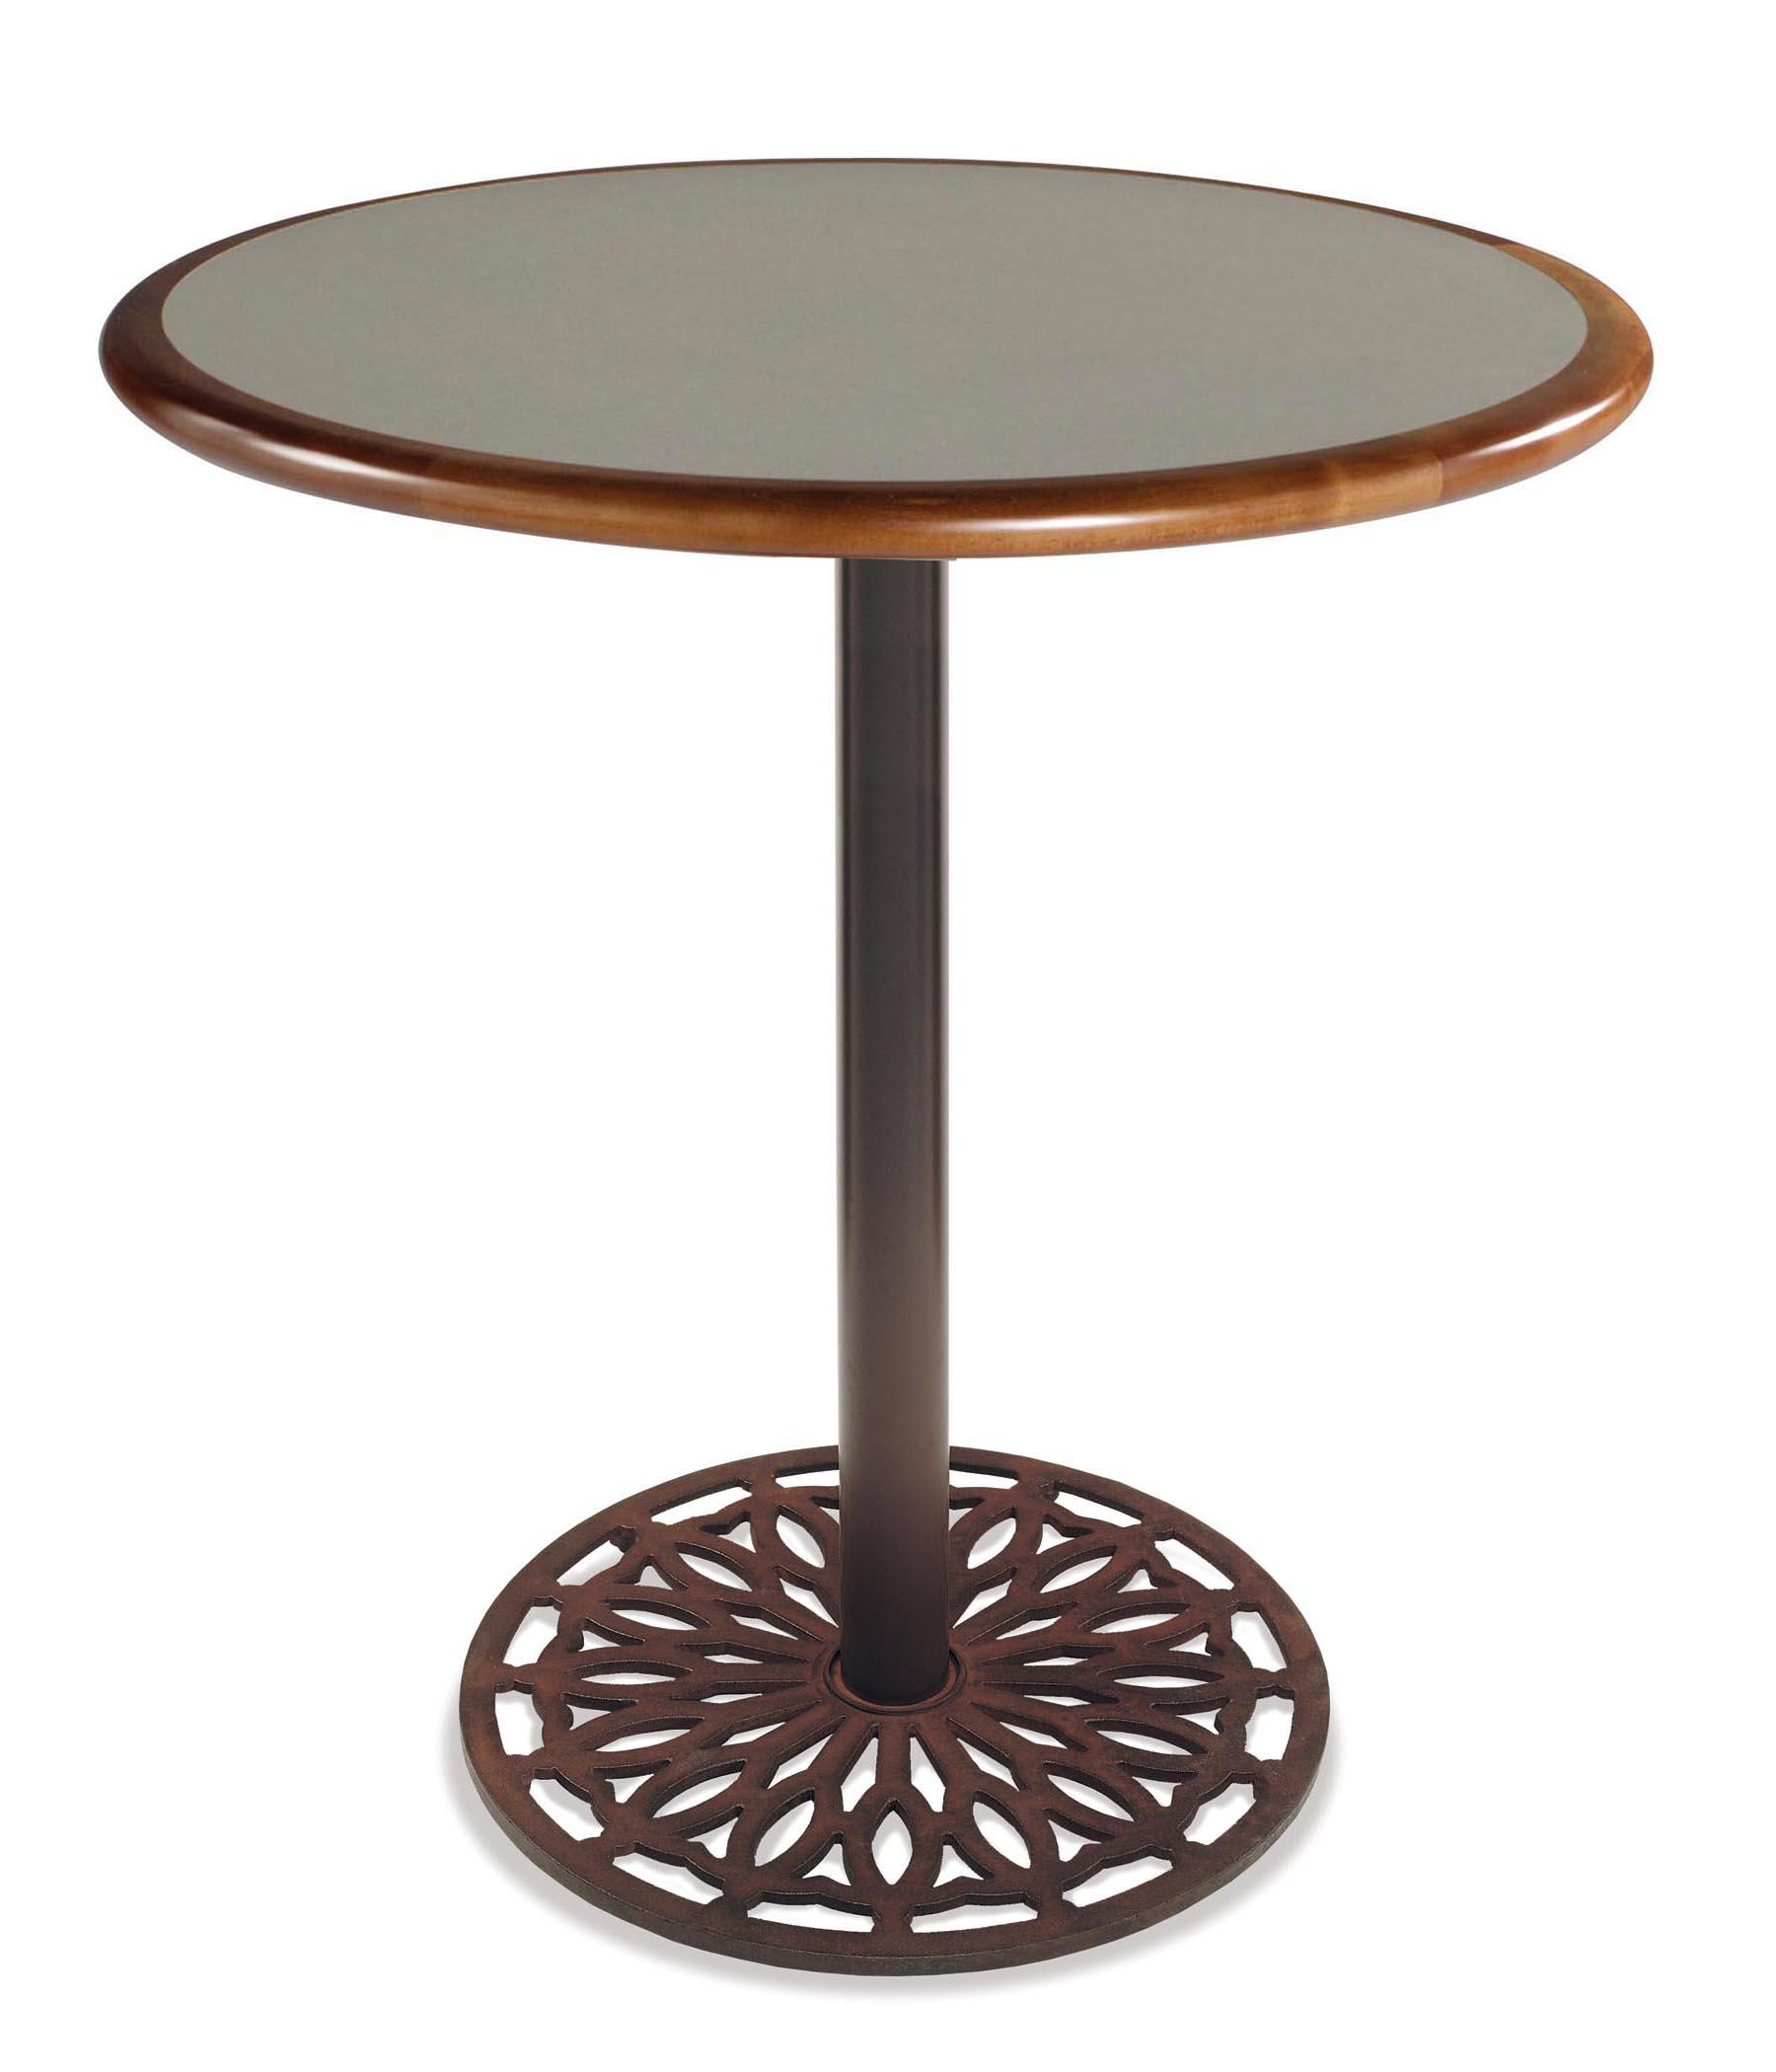 b50 series caf table. Black Bedroom Furniture Sets. Home Design Ideas